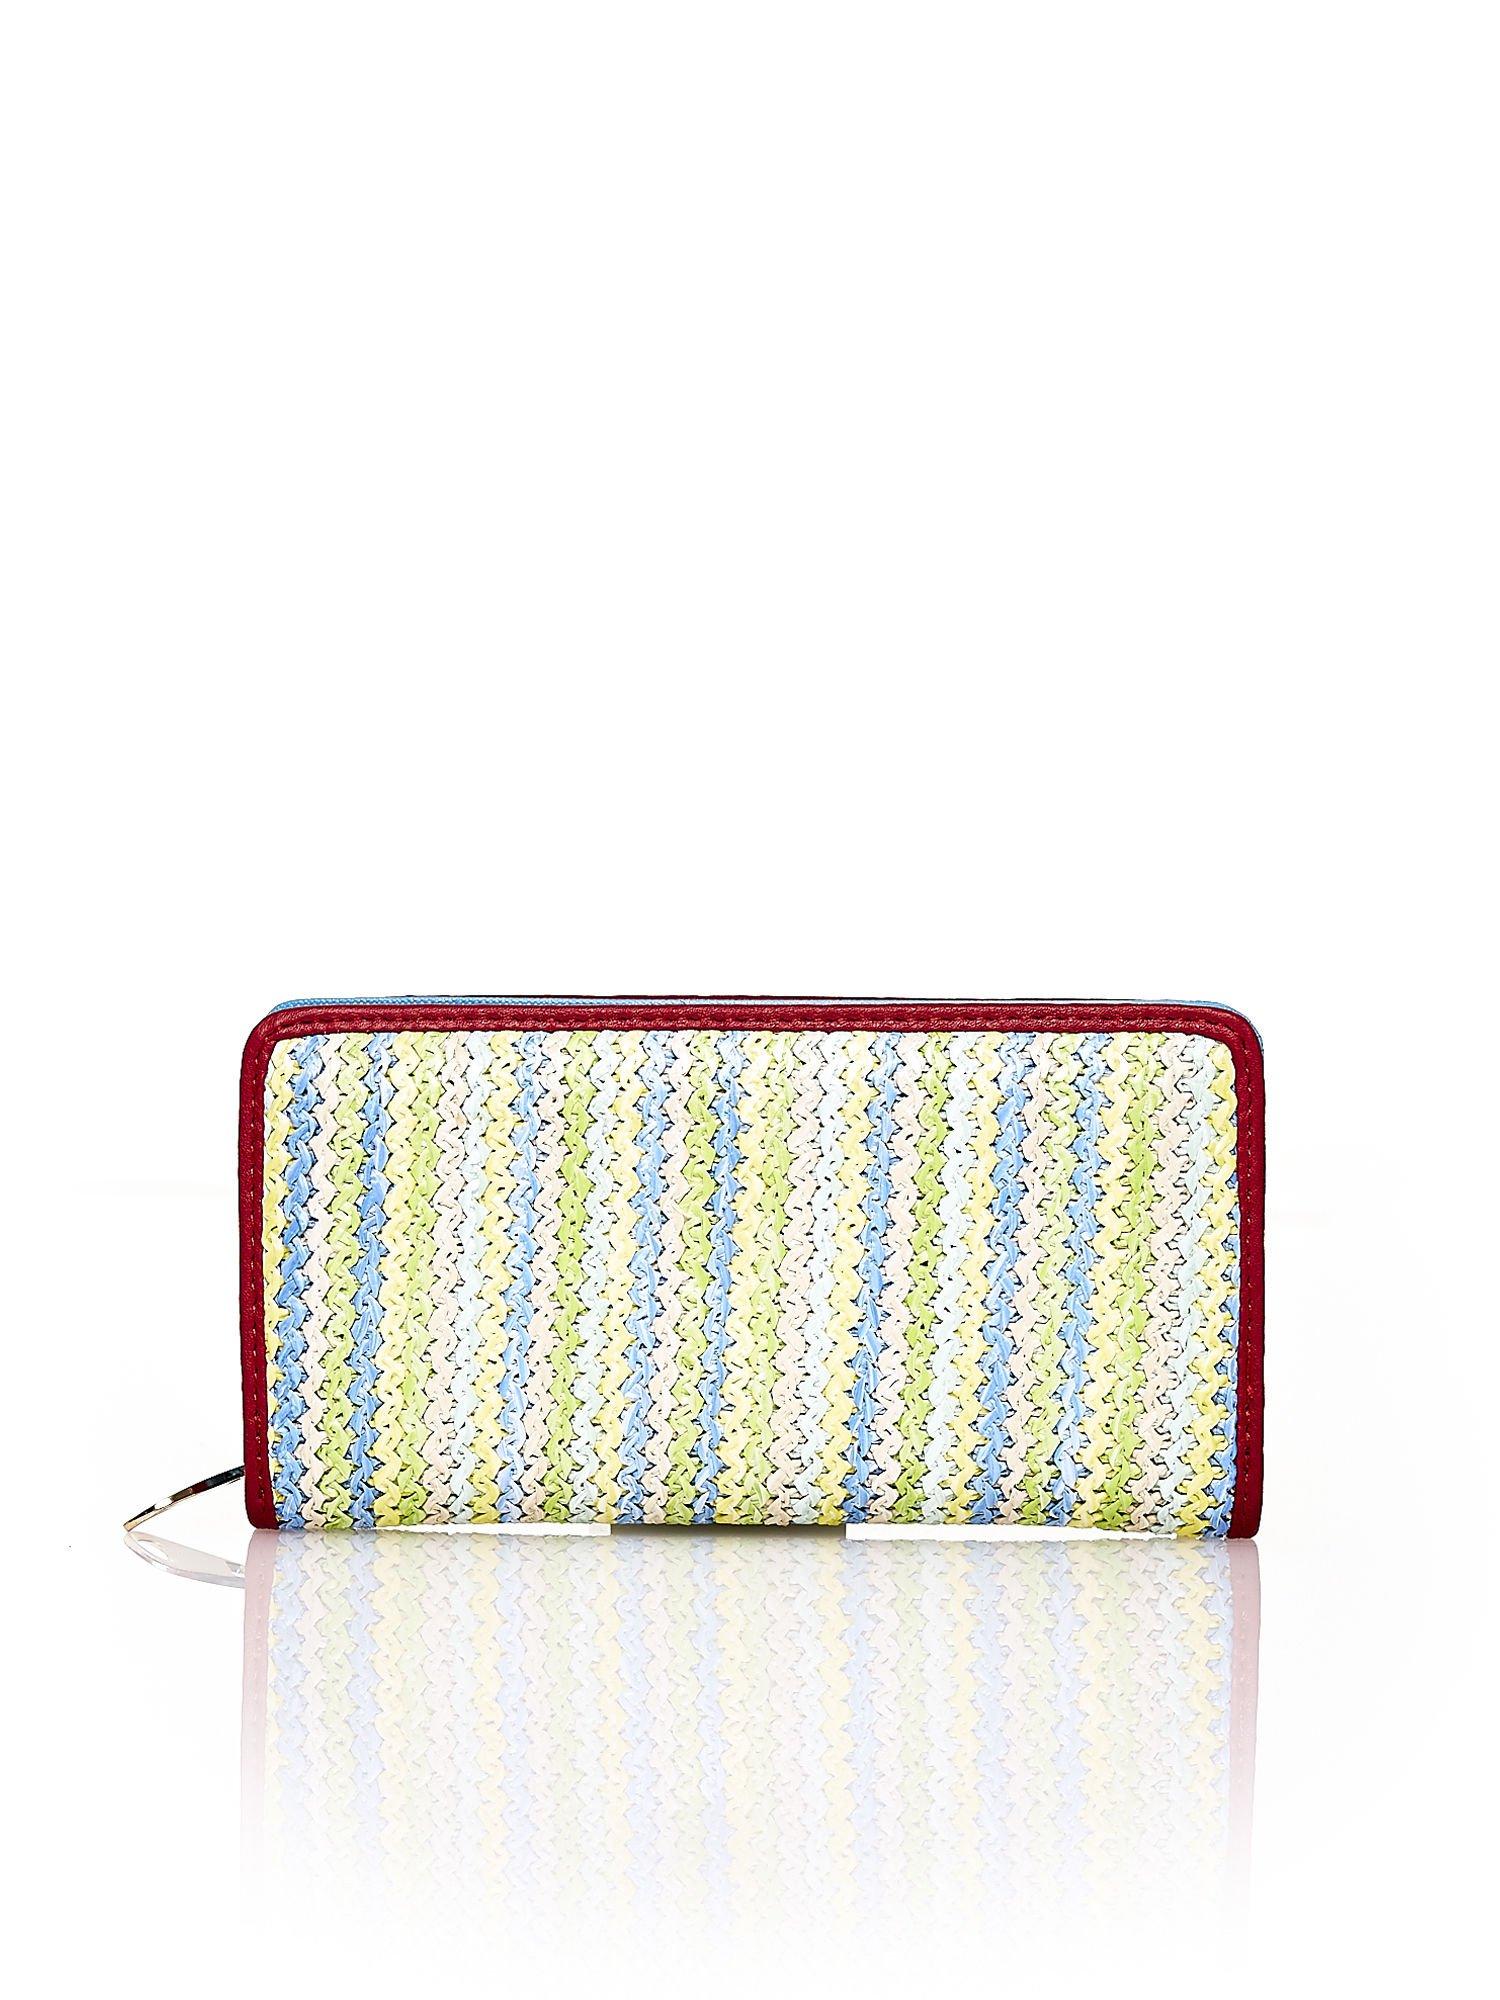 Niebieski pleciony portfel w pionowe pastelowe paski                                  zdj.                                  1